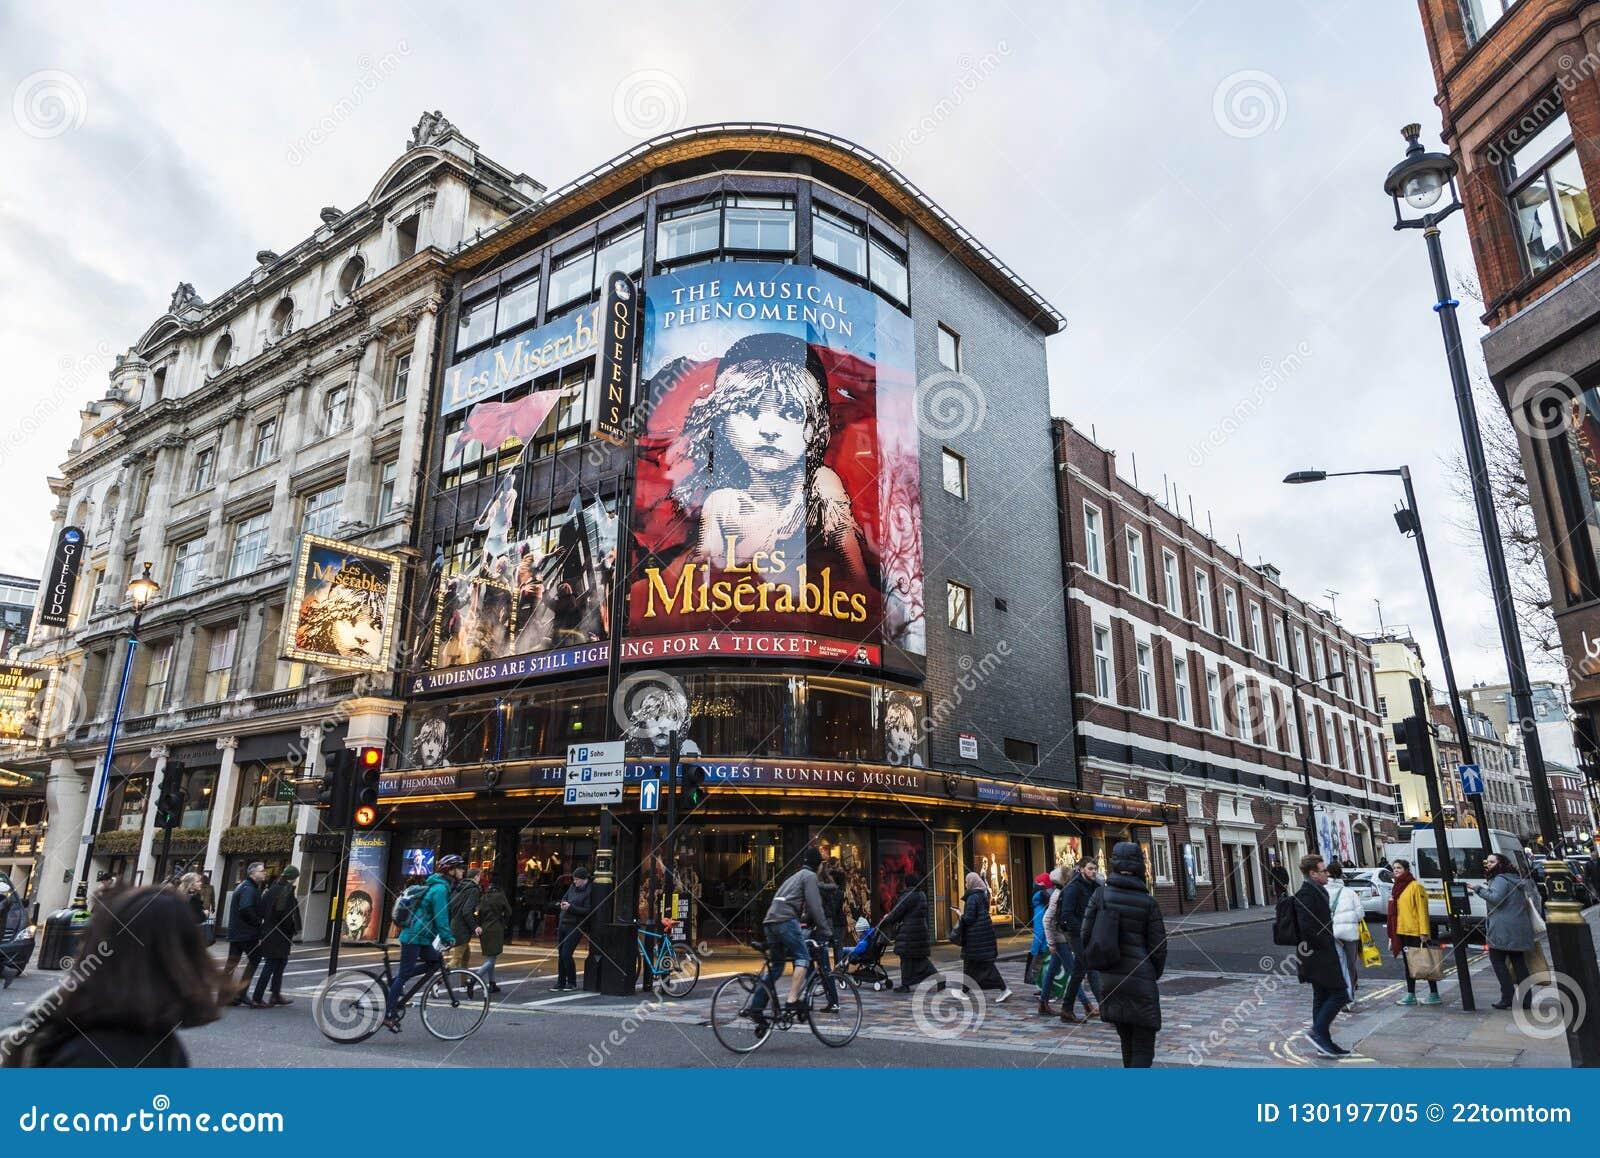 Shaftesbury Avenue in London, England, United Kingdom